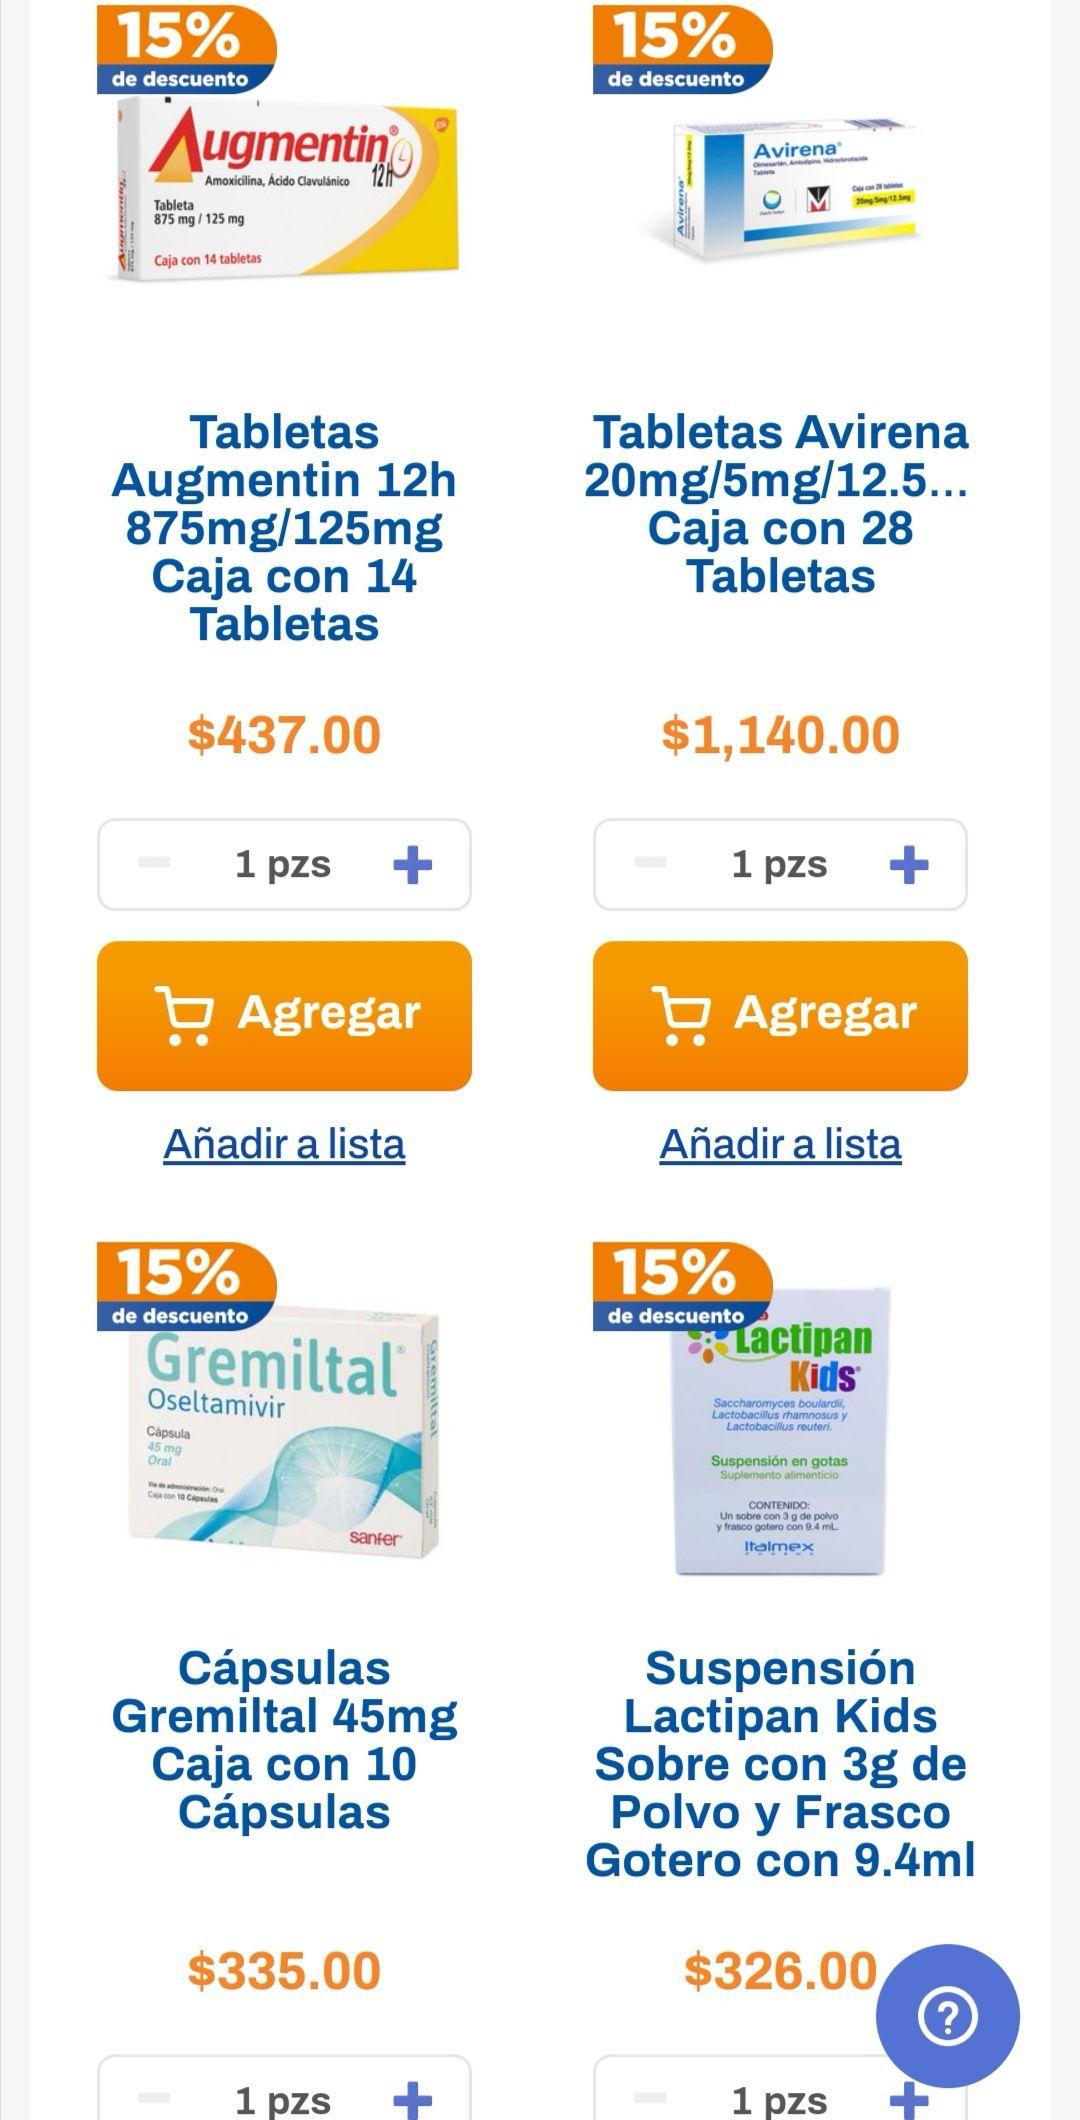 Chedraui: 15% de descuento en medicamentos éticos (exclusivo tienda en línea)